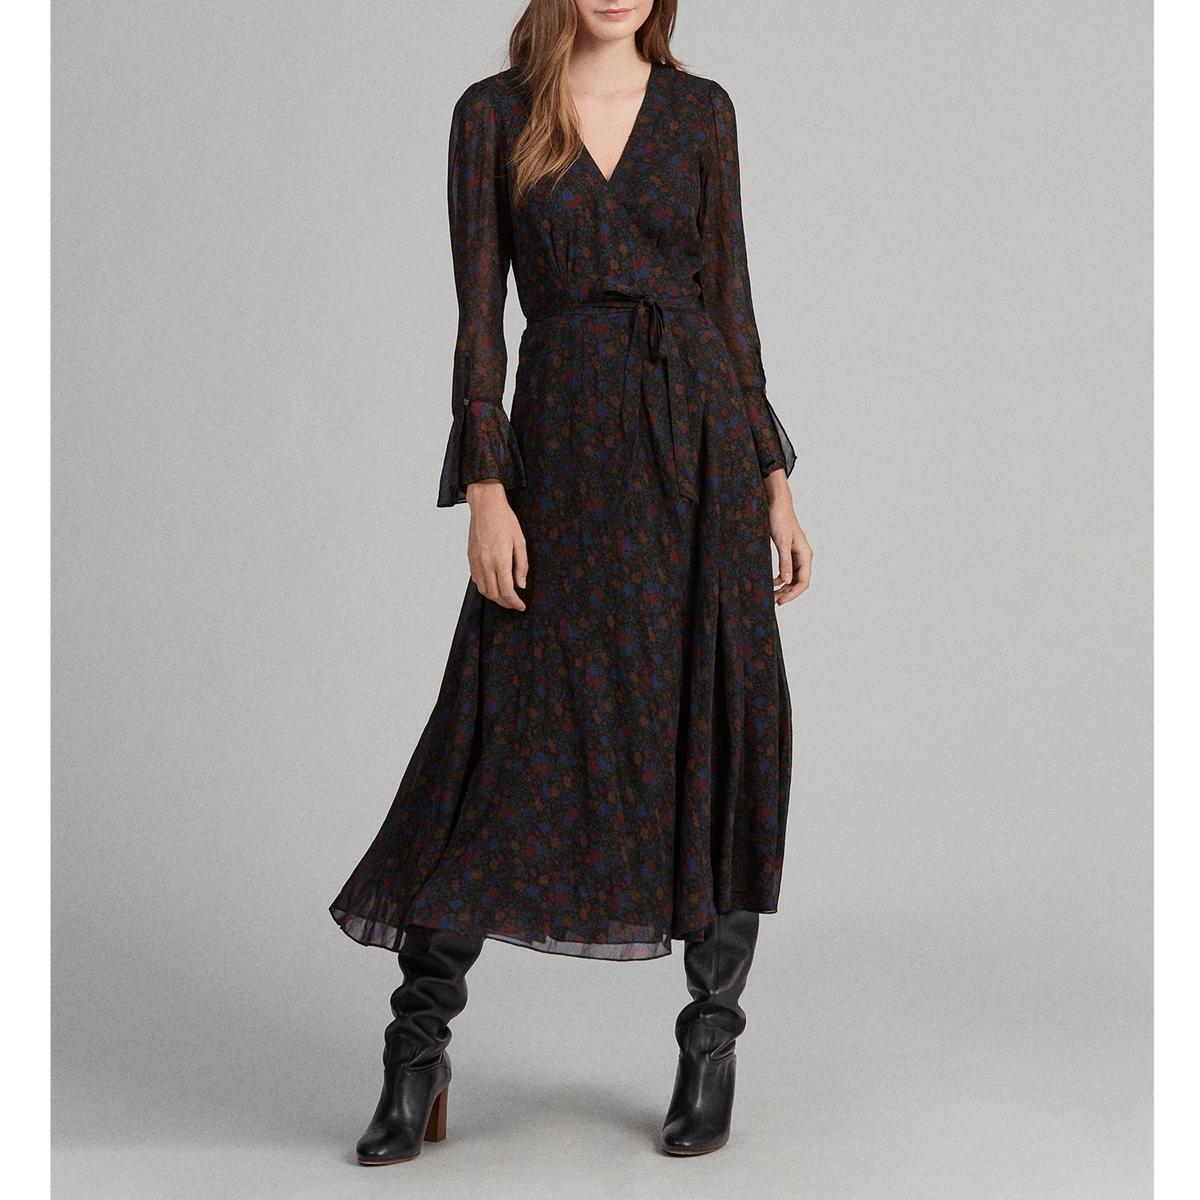 Платье La Redoute Длинное с рисунком и длинными рукавами 38 (FR) - 44 (RUS) другие платье миди la redoute с запахом с цветочным принтом 54 fr 60 rus другие